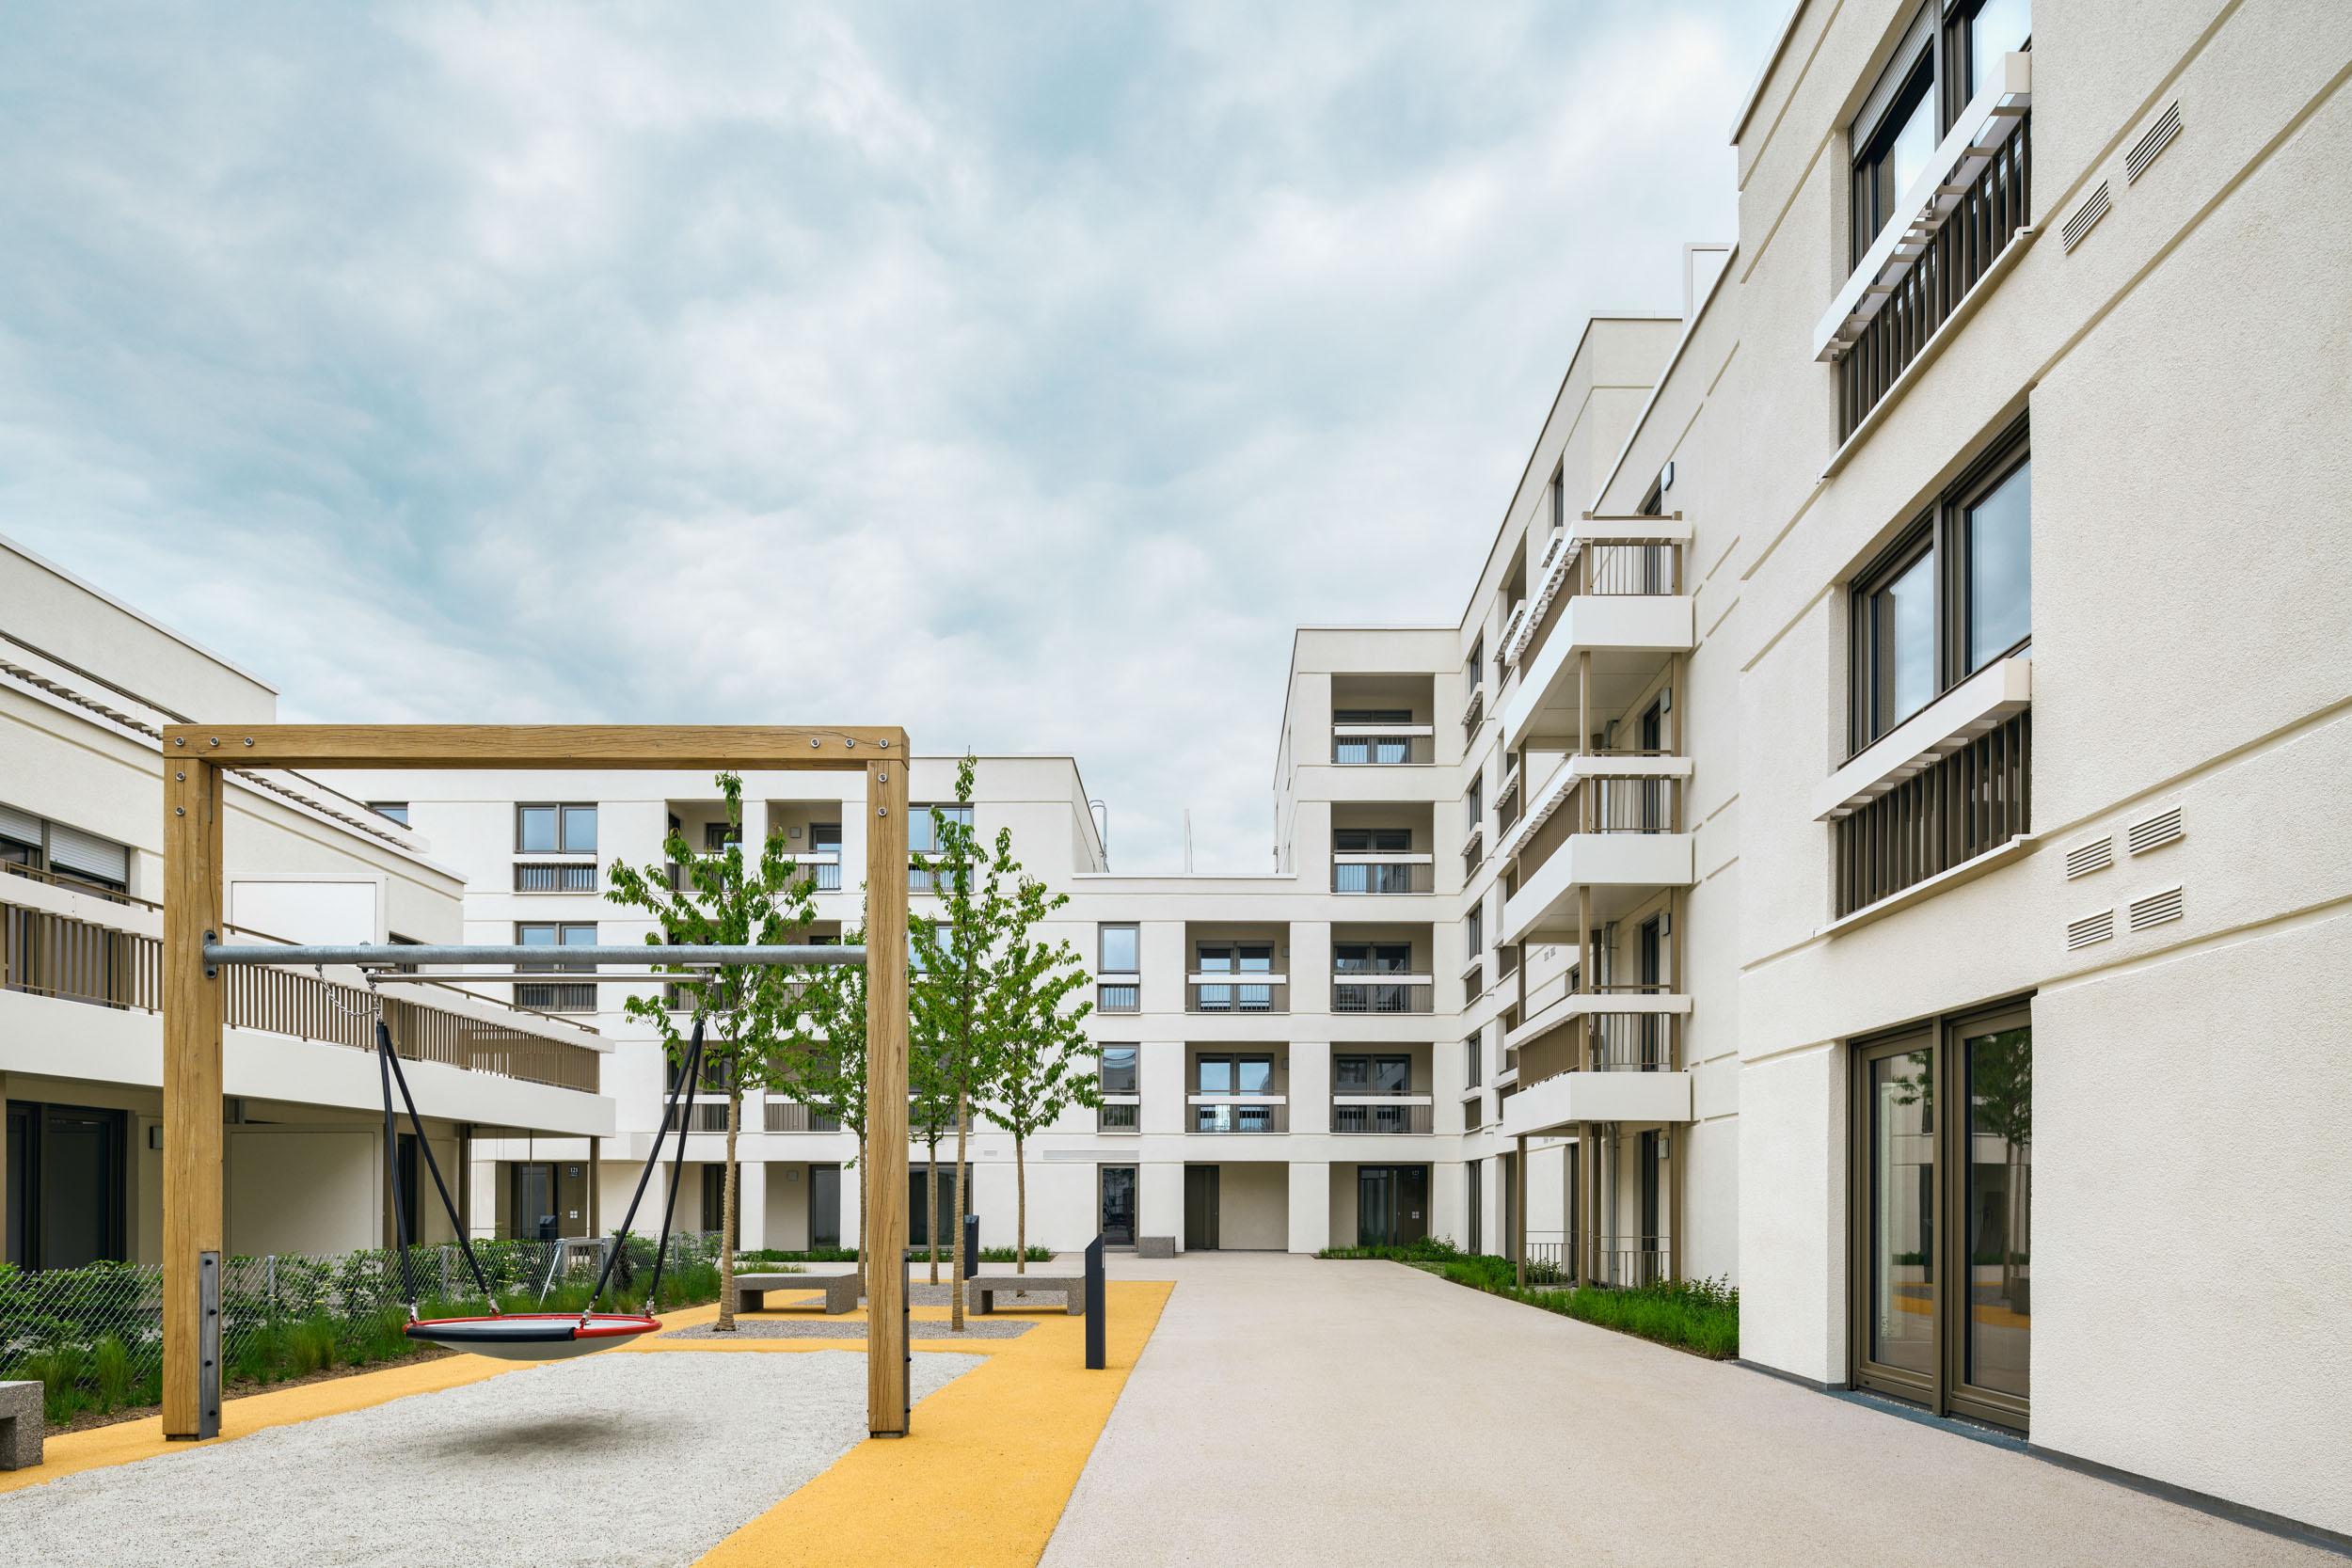 Gustav-Epple-Bauunternehmung-Tru-Living-München-Wohnbau-2020-TruLiving_MLX6807#00